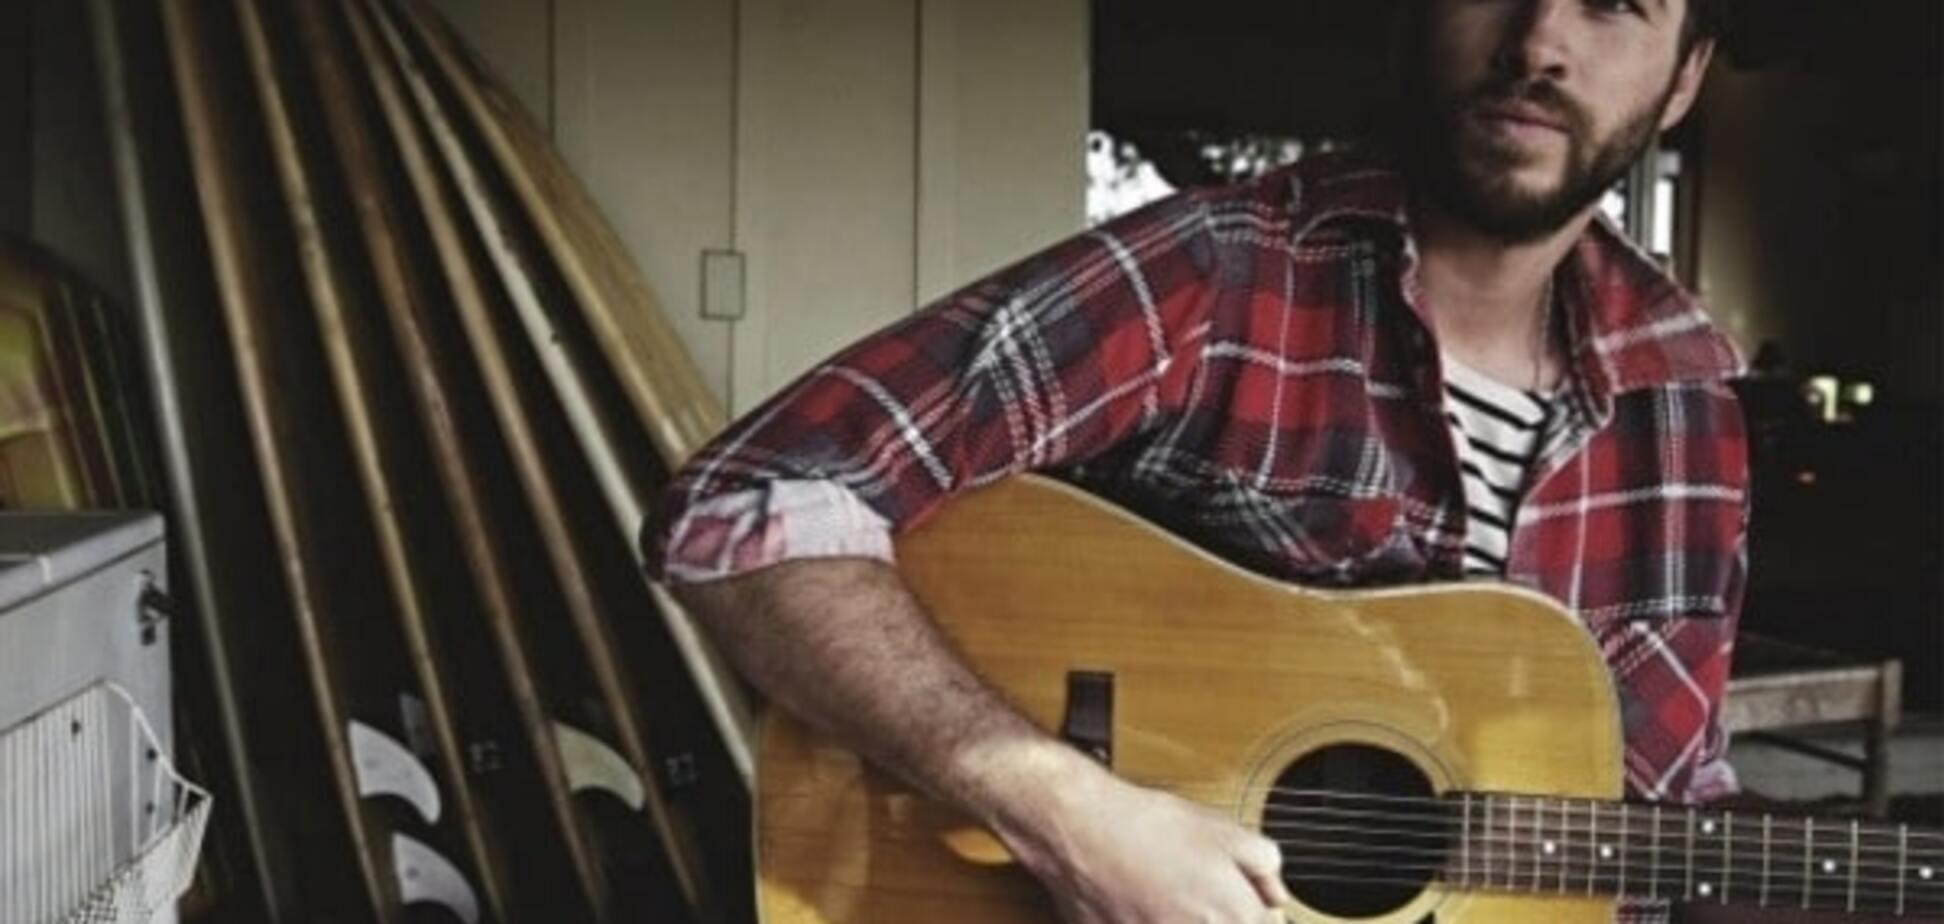 Красавчик Лиам Хемсворт снялся в горячей фотосессии